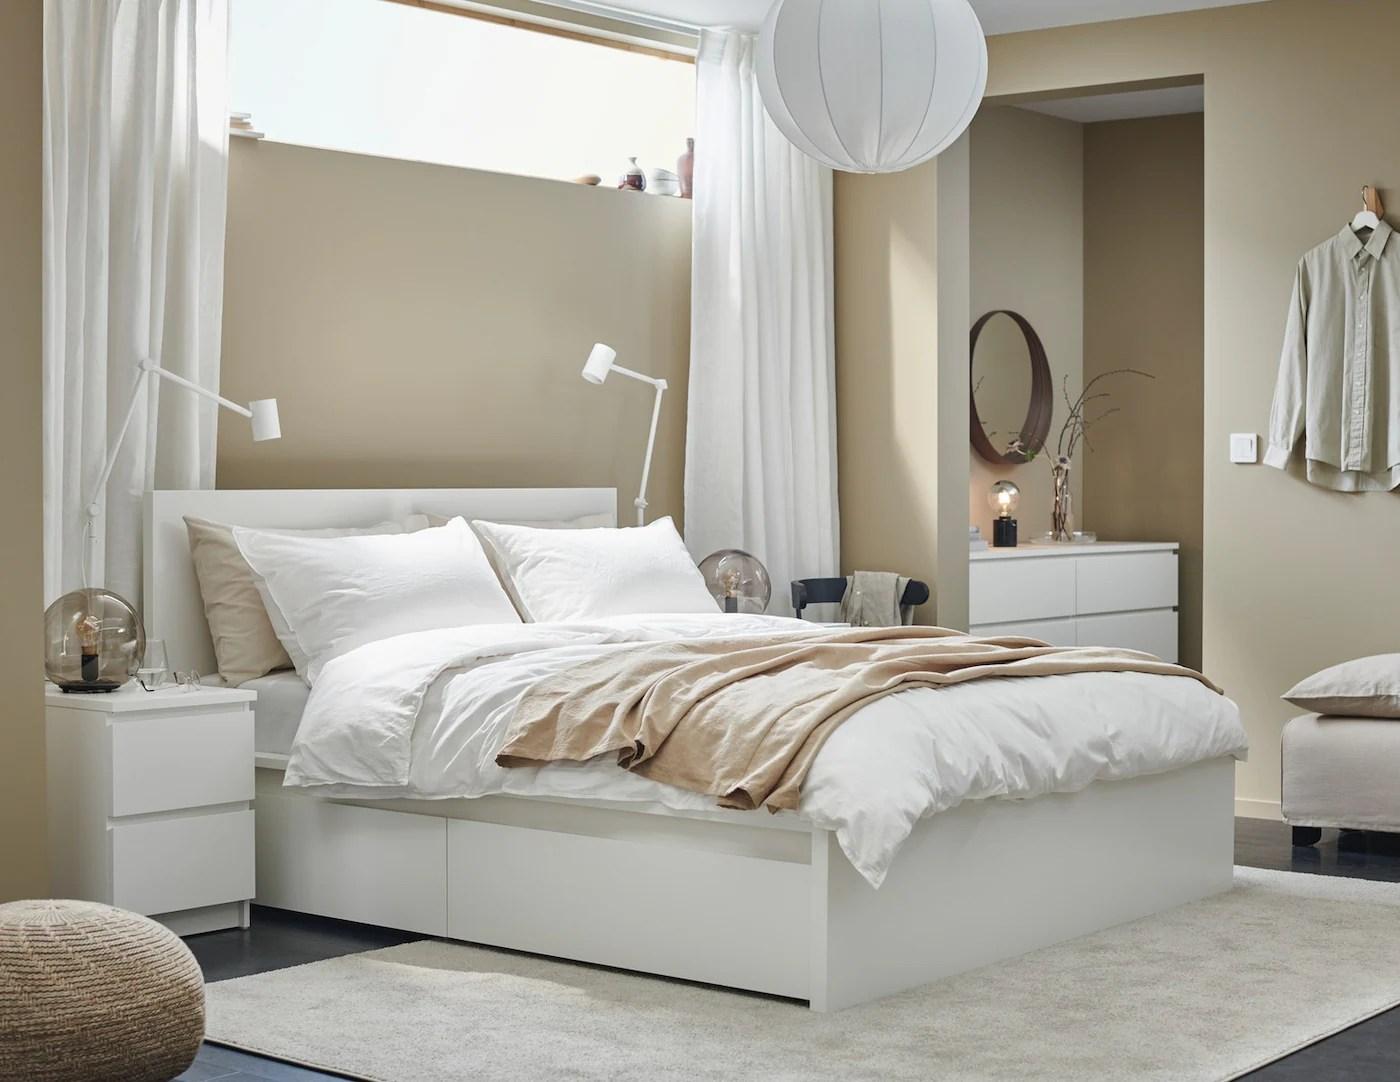 Schlafzimmer Angebote Ikea Bettwasche Kinder Sterne